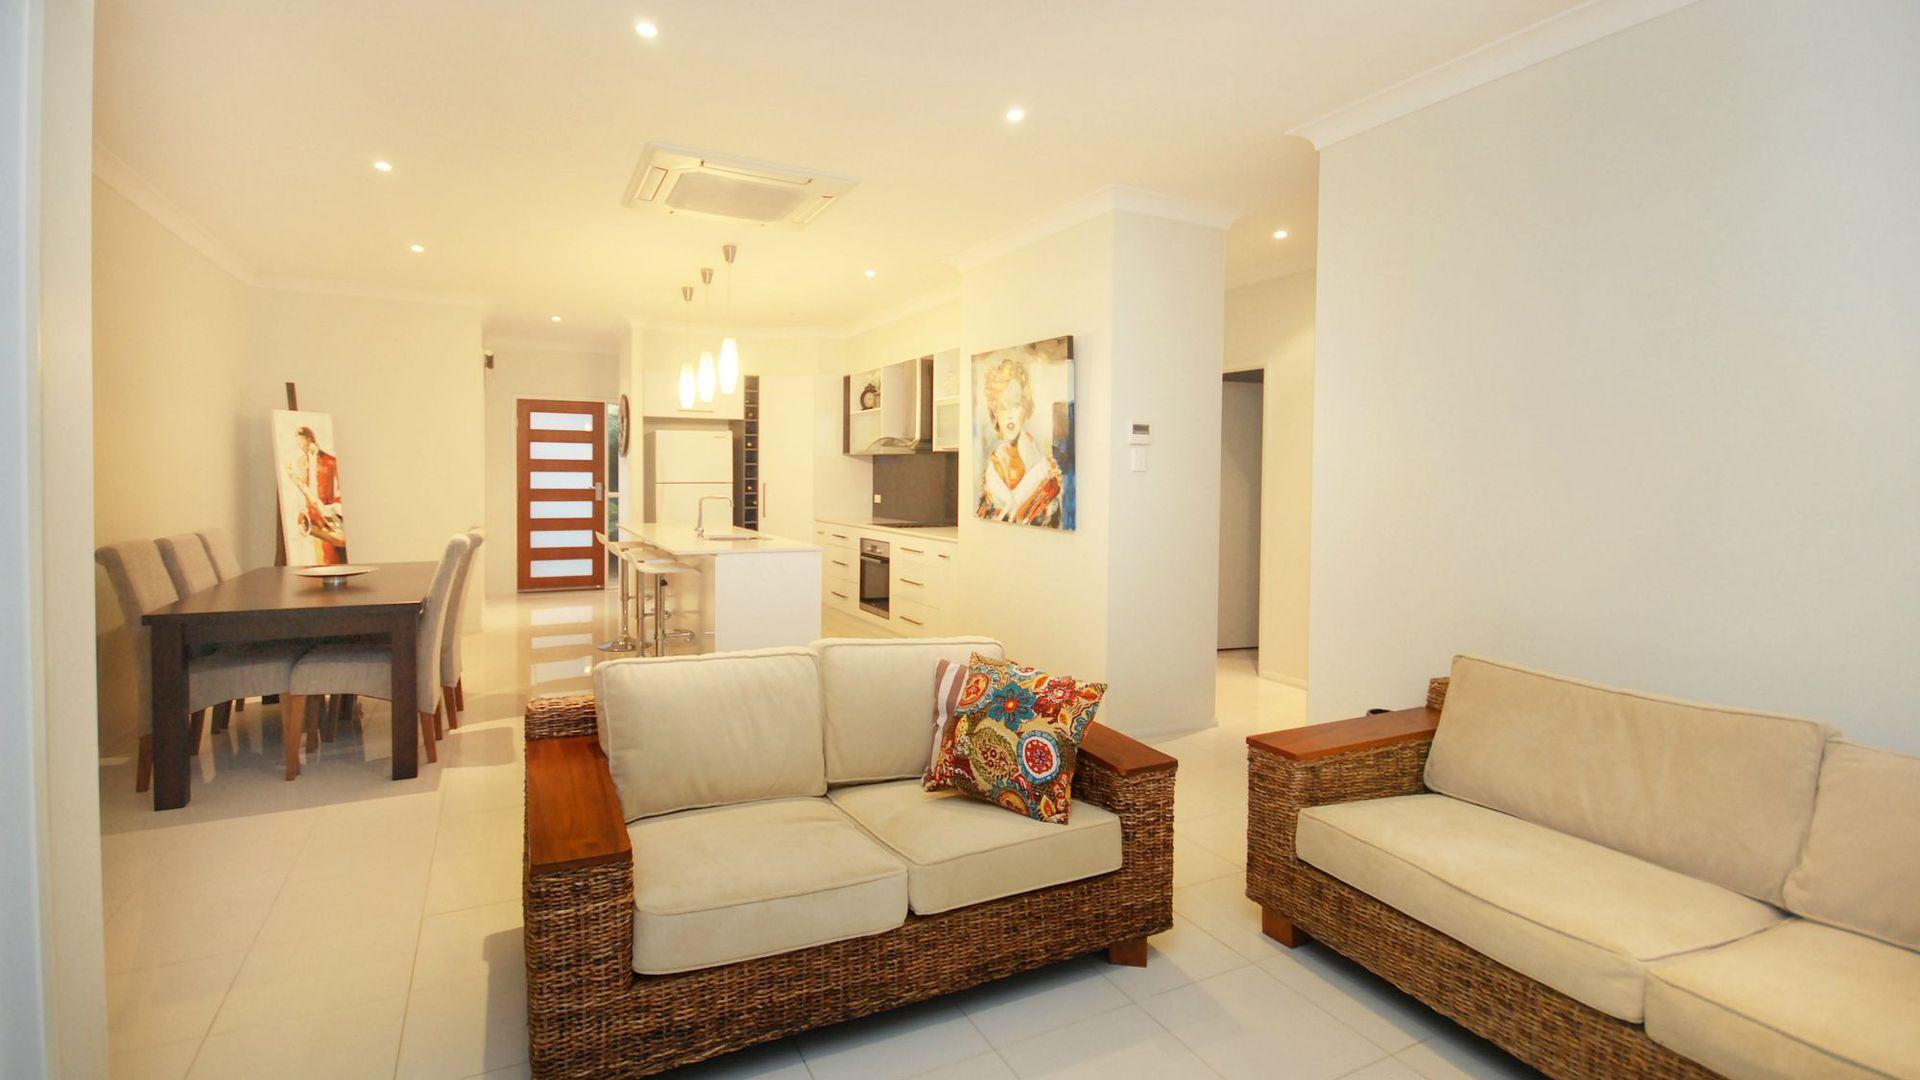 Unit 3/67 Rowbotham Street, Rangeville QLD 4350, Image 2